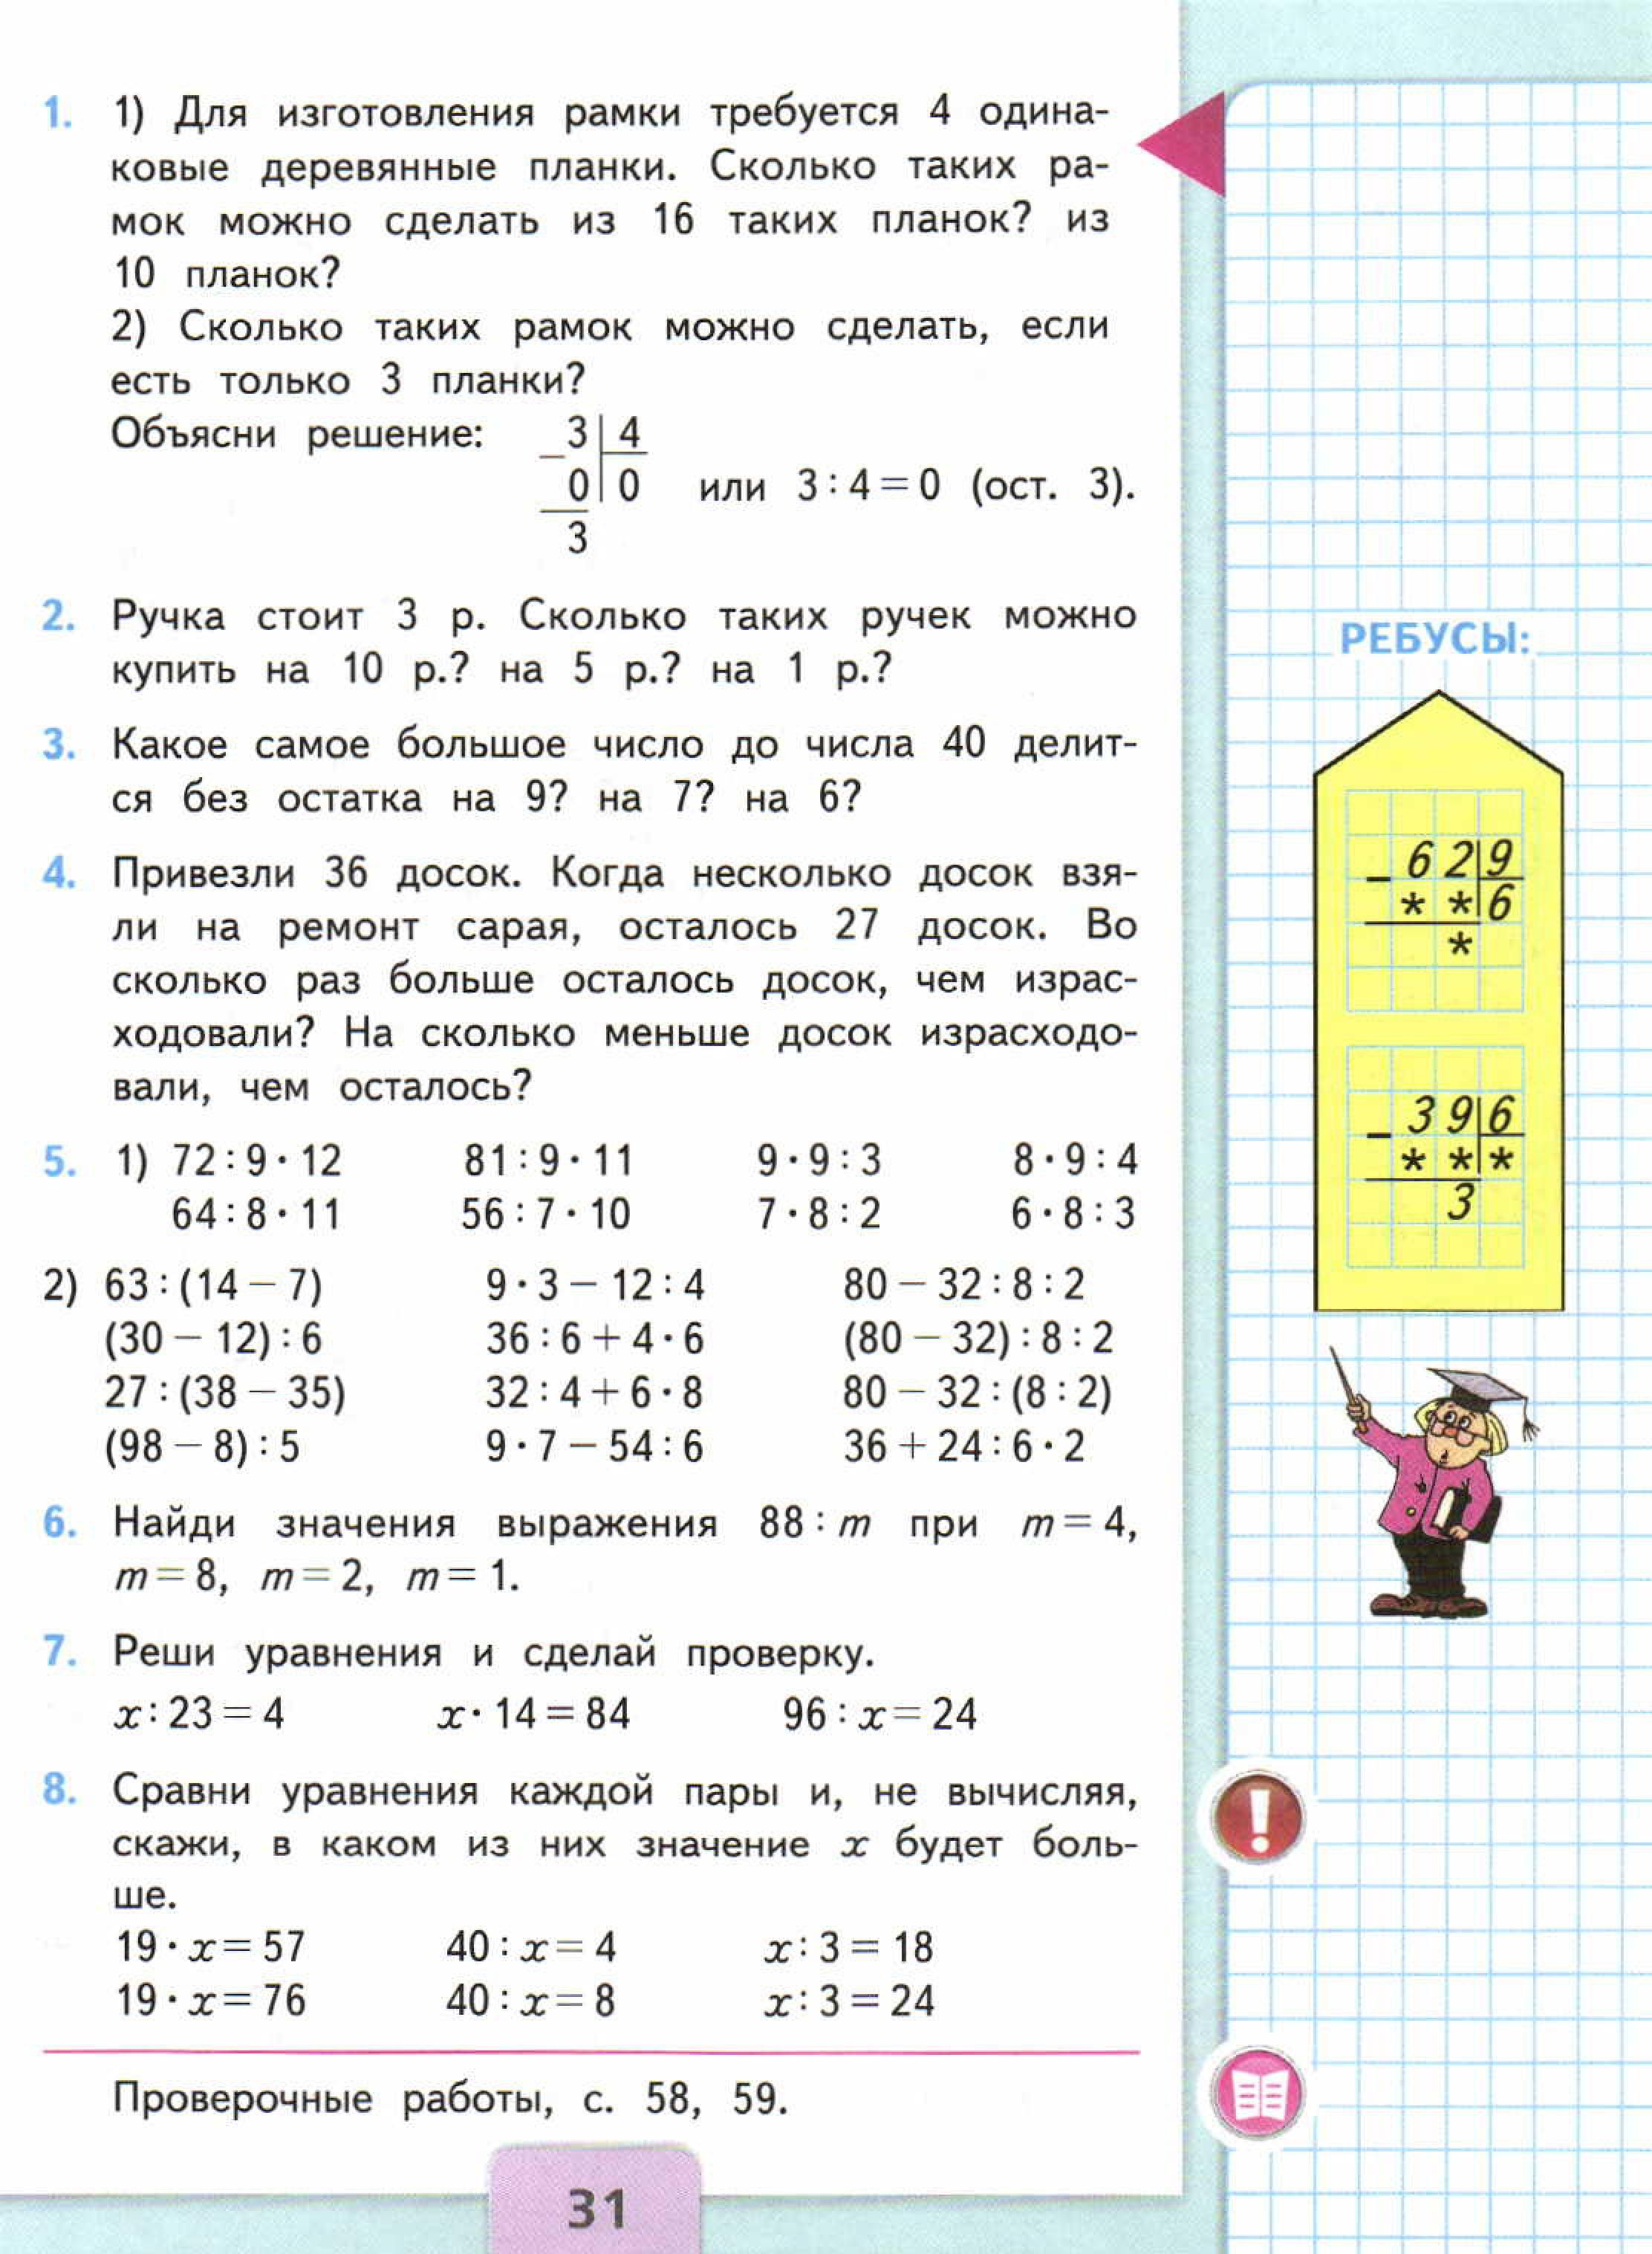 Ответы к задачам по математике 3 класс